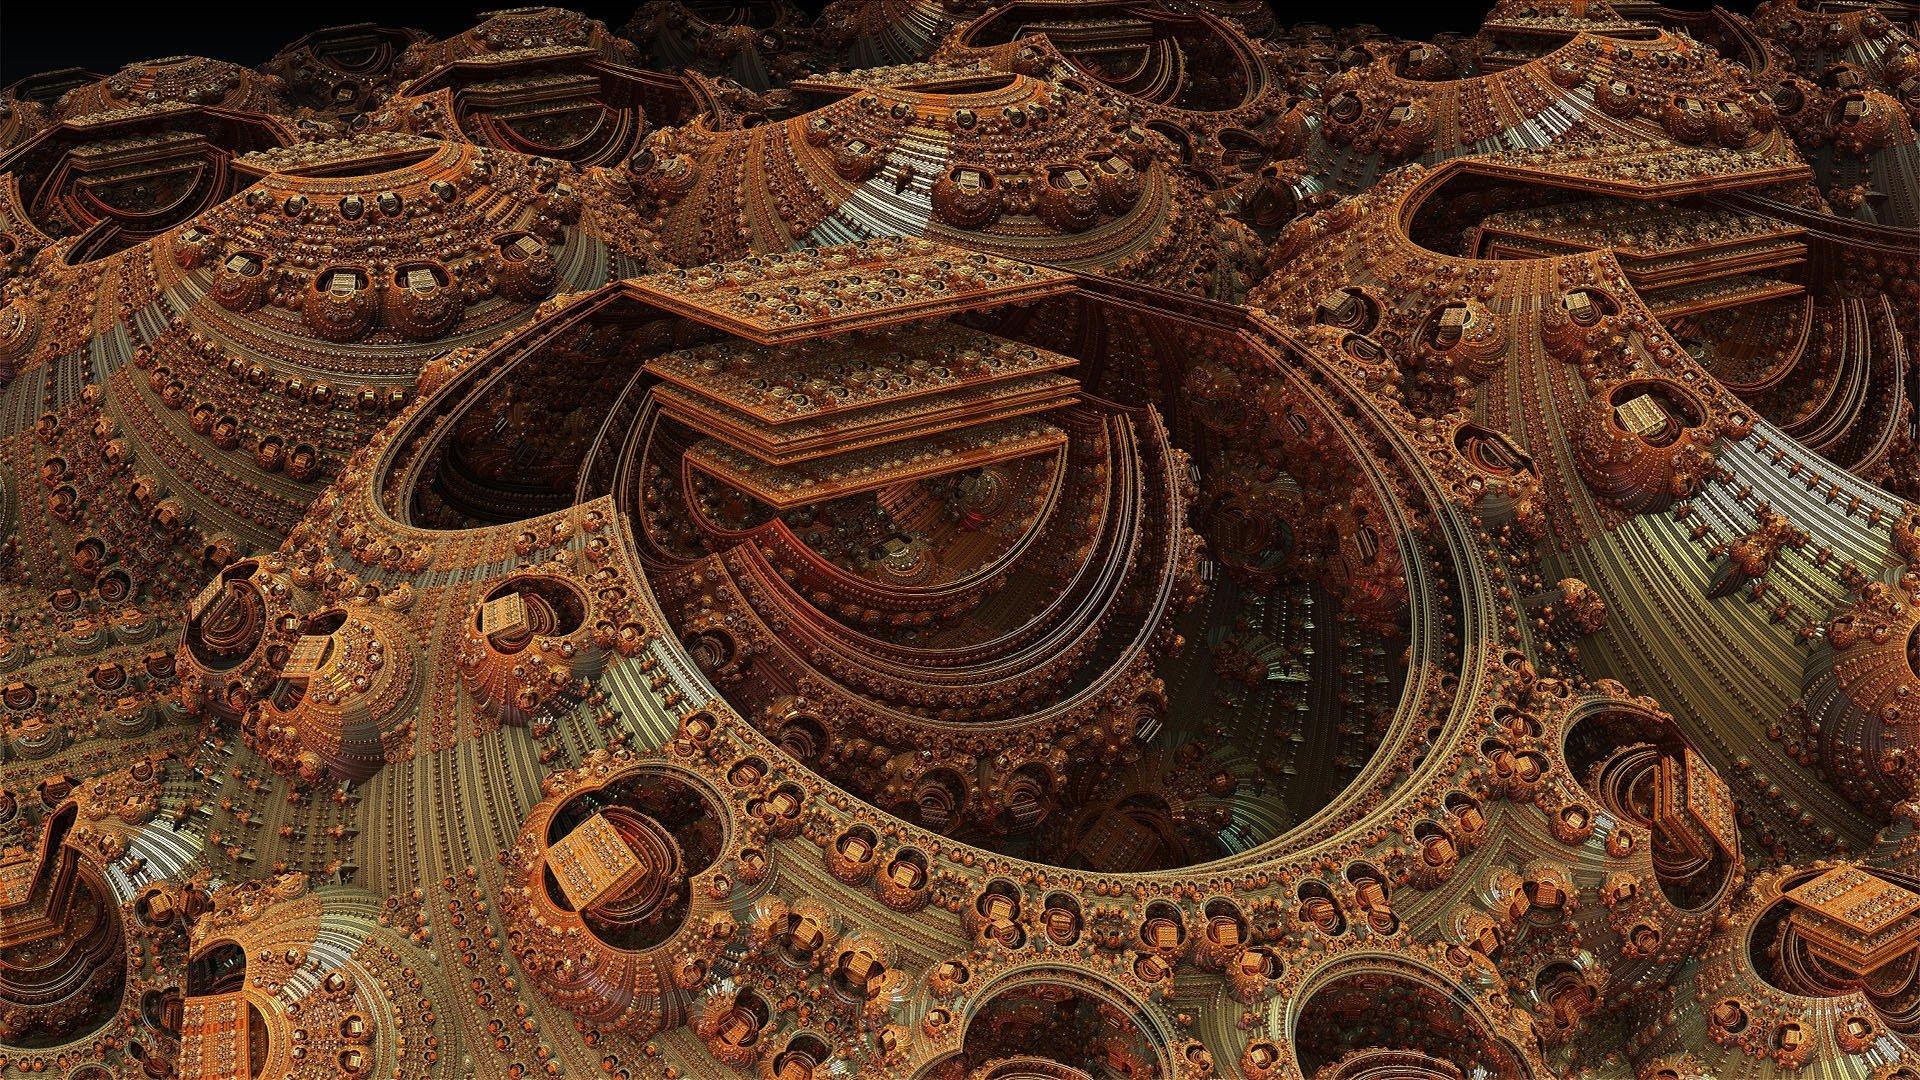 Labyrinth Wallpaper 1920x1080